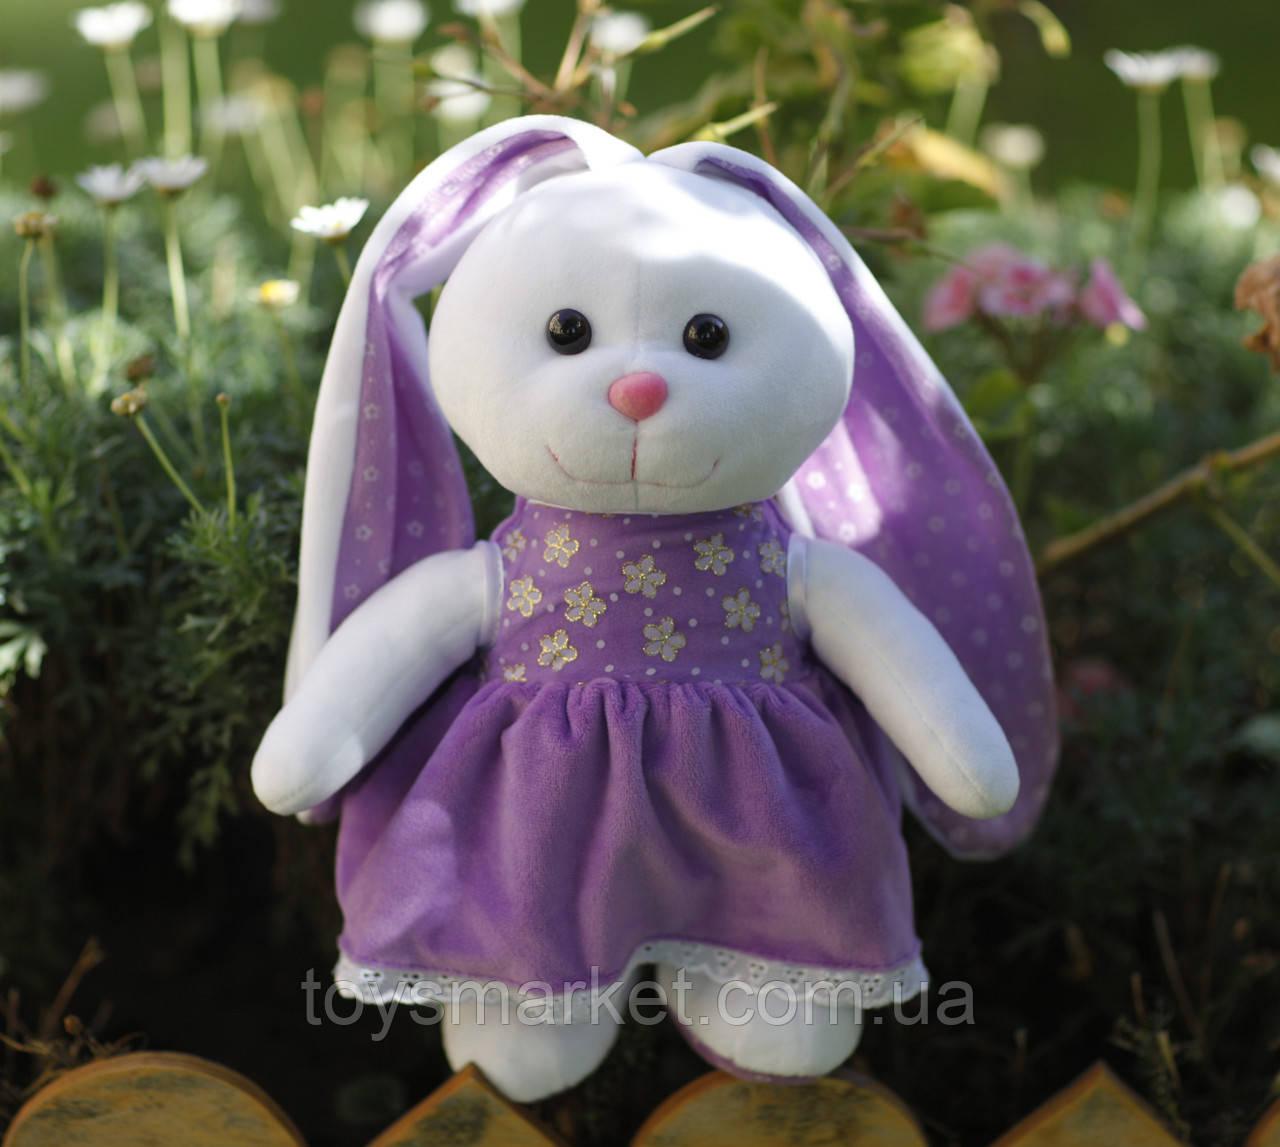 """Мягкая игрушка зайка """"Принцесса"""", плюшевая игрушка заяц, игрушка зайчик"""